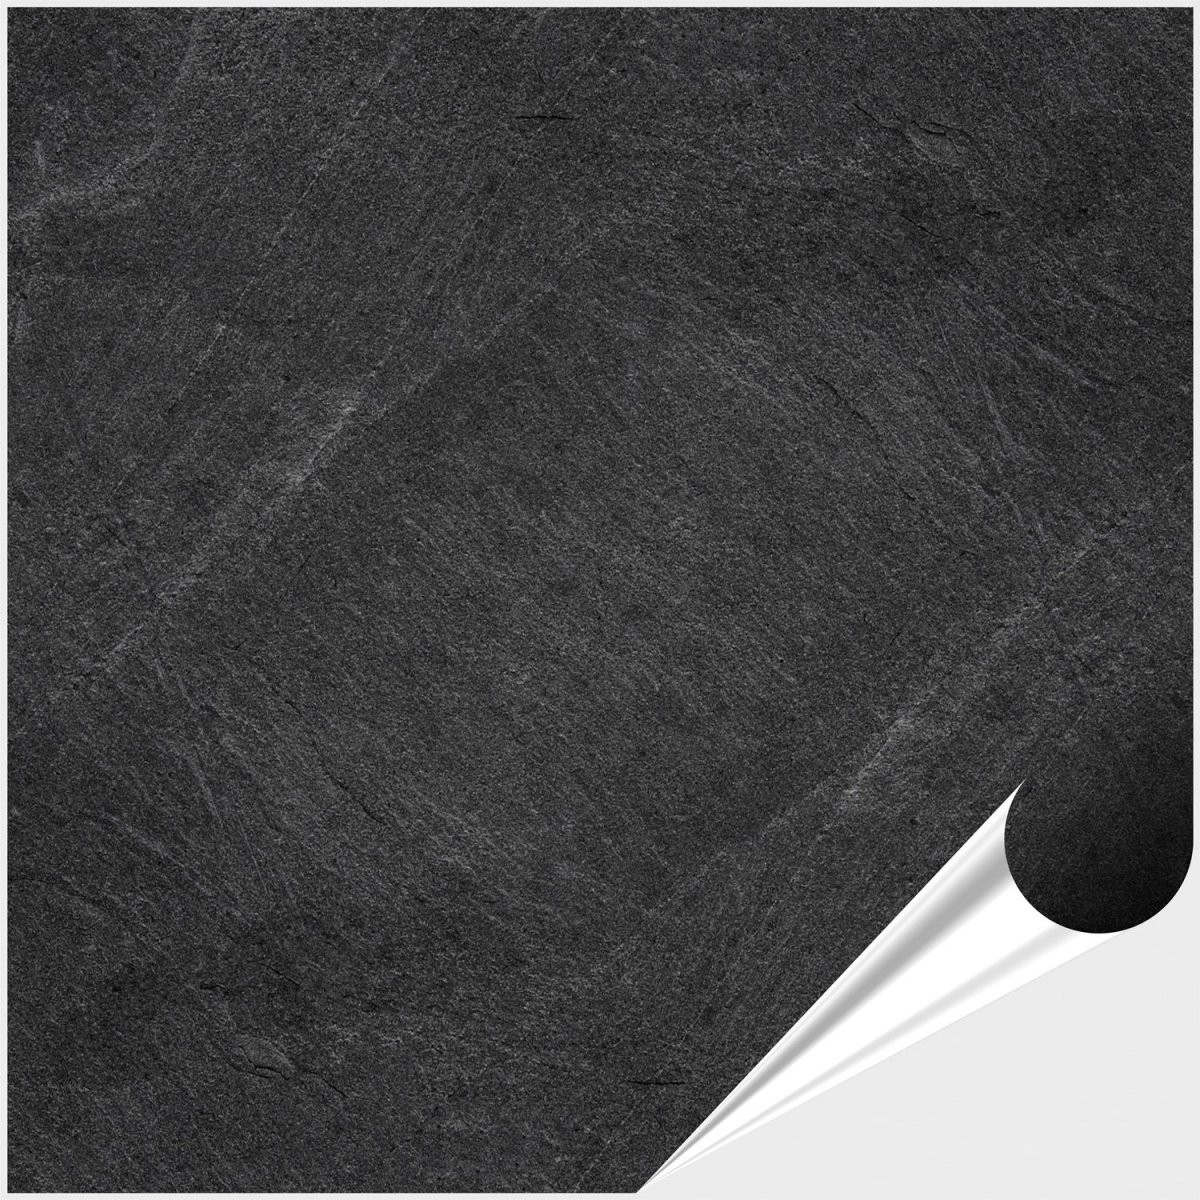 Fliesenfolie Kaufen Bei Obi von Fliesen Folie Selbstklebend Bad Bild